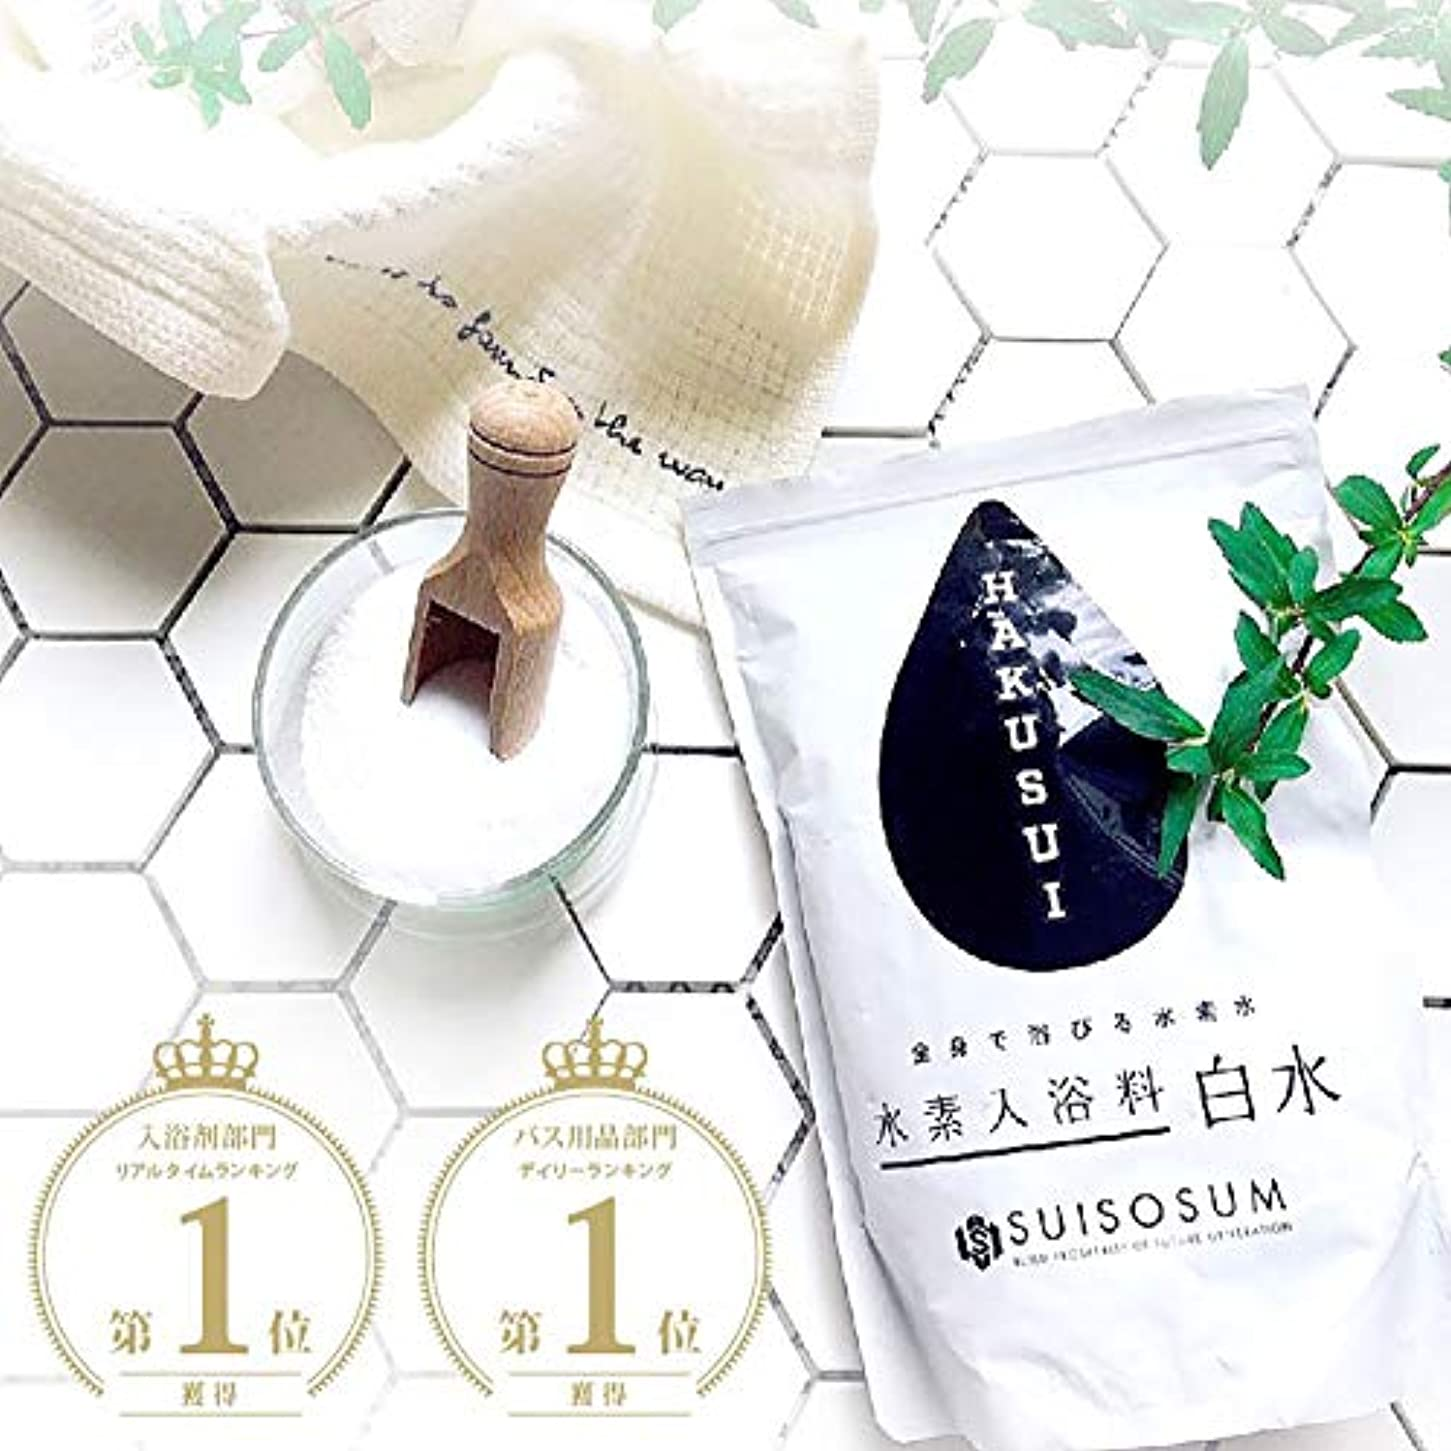 韓国語凍ったストラップ水素入浴剤 【HAKUSUI】(白水)750g 30回分〔温活 美肌 シルク湯 冷え性 水素入浴〕